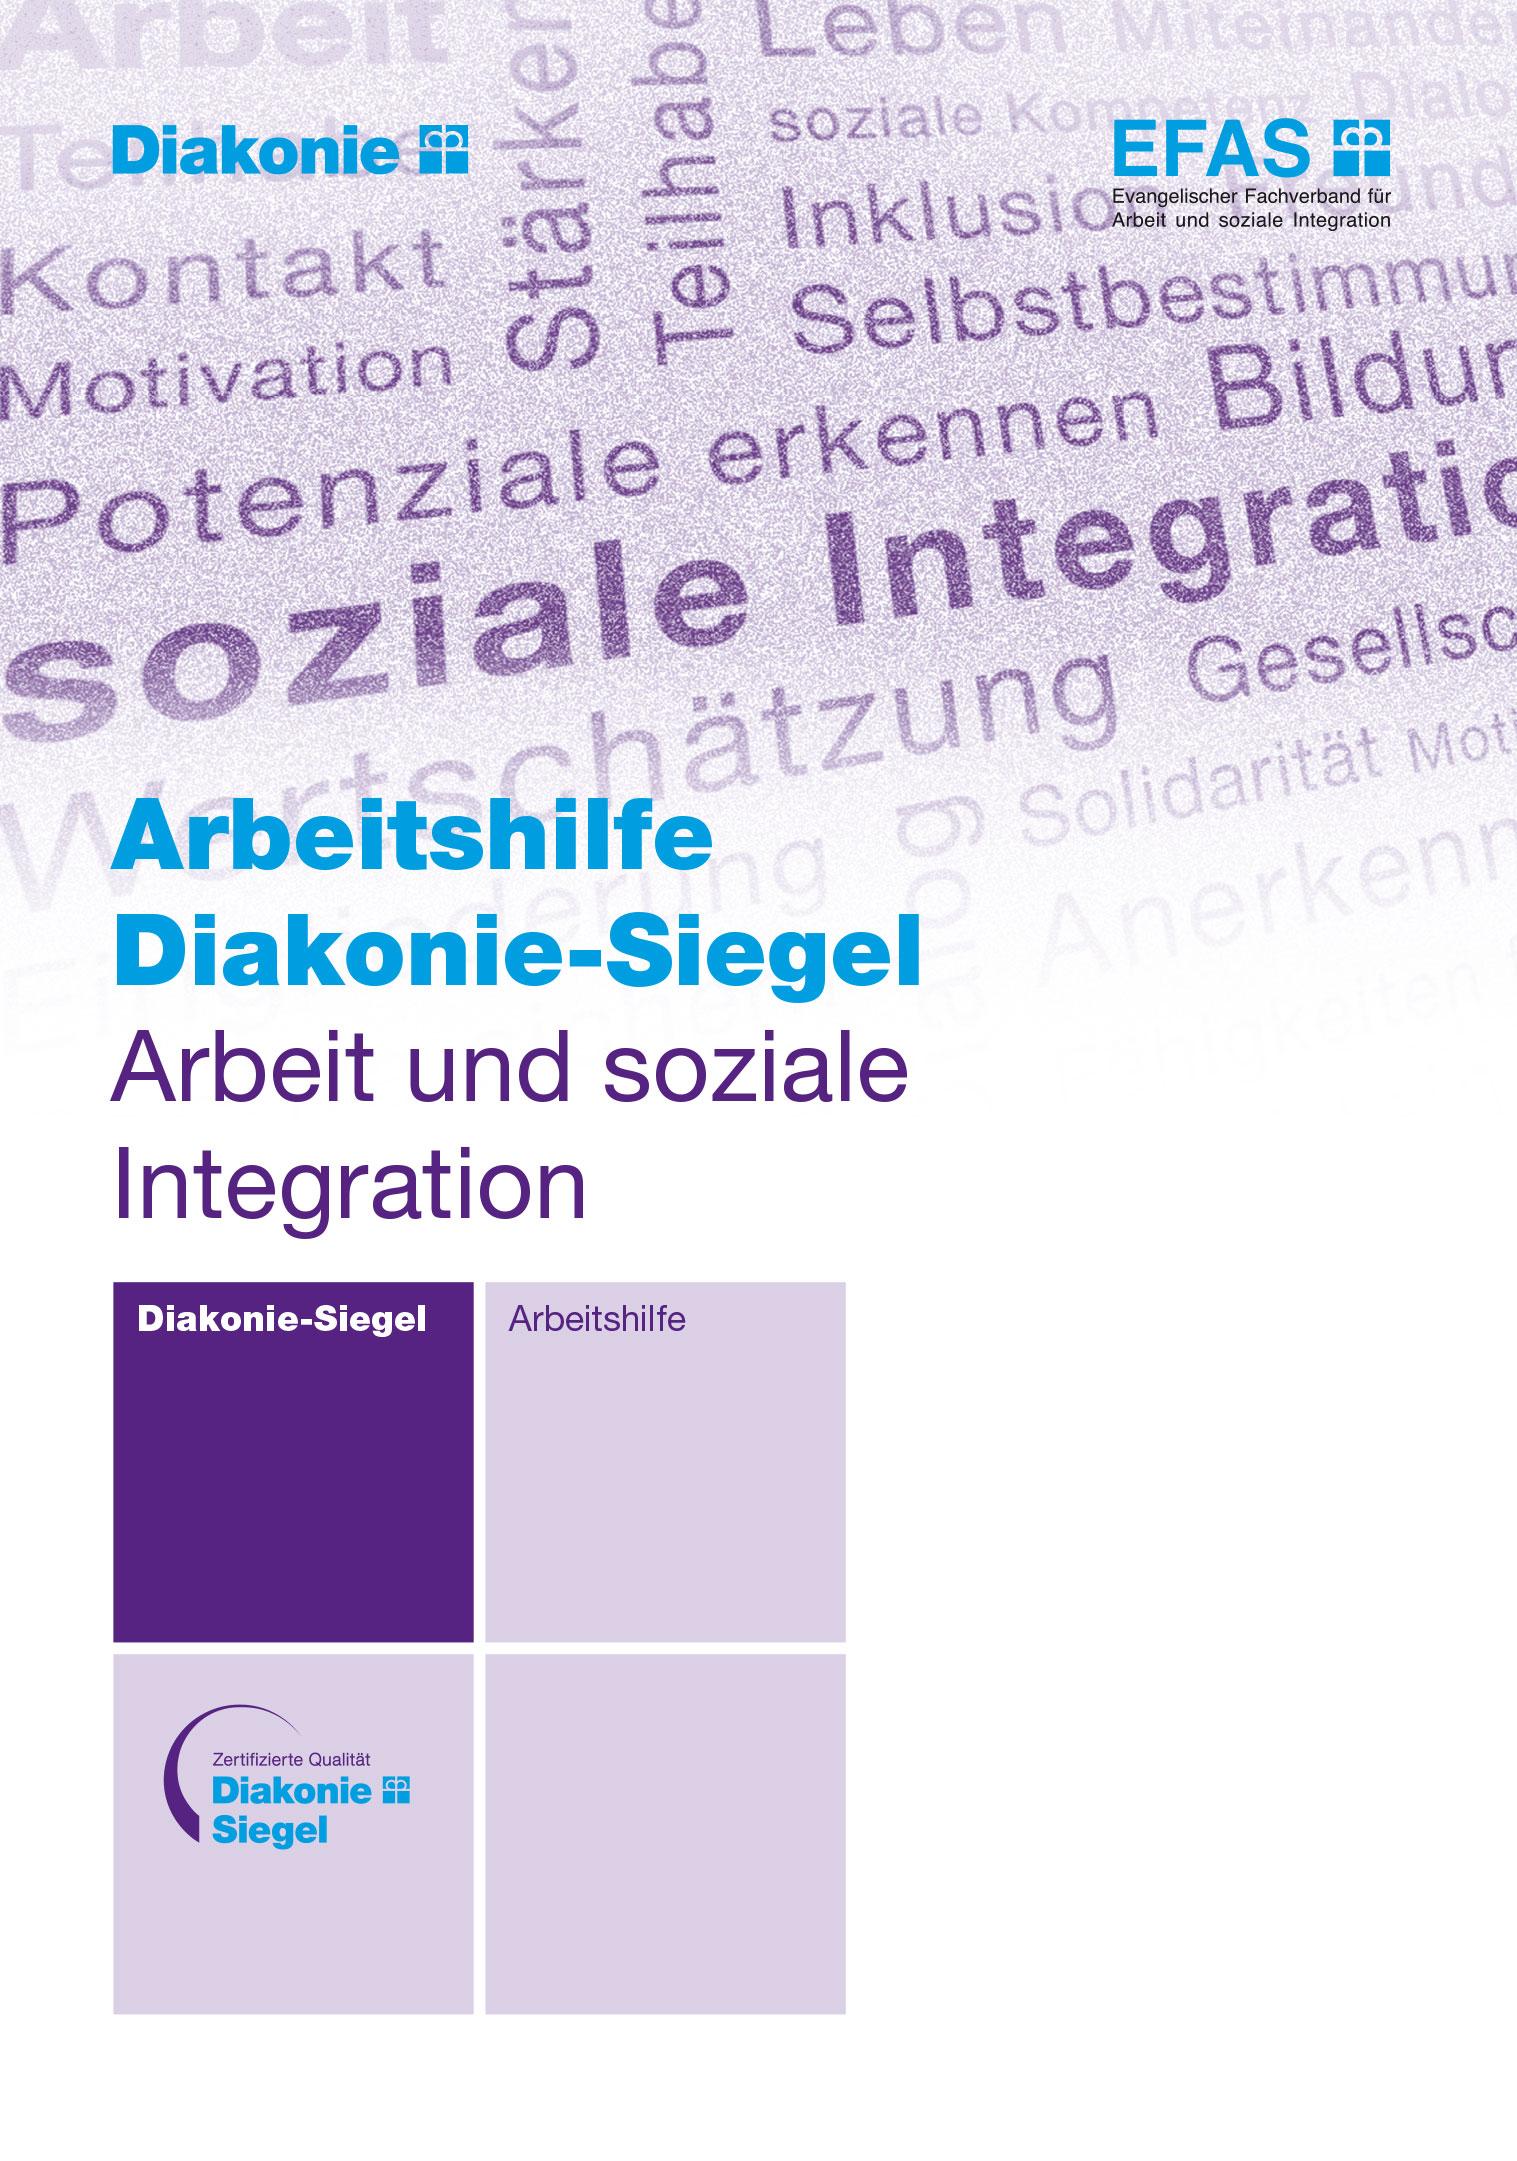 Arbeitshilfe Diakonie-Siegel